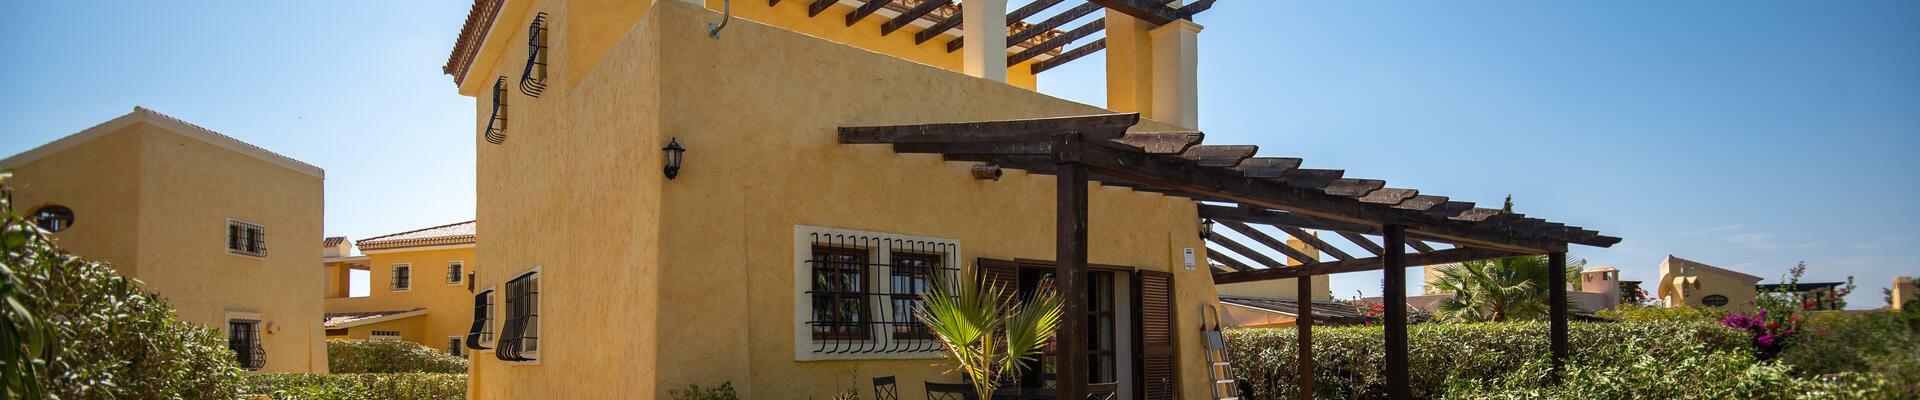 DV1503: 4 Bedroom Villa for Sale